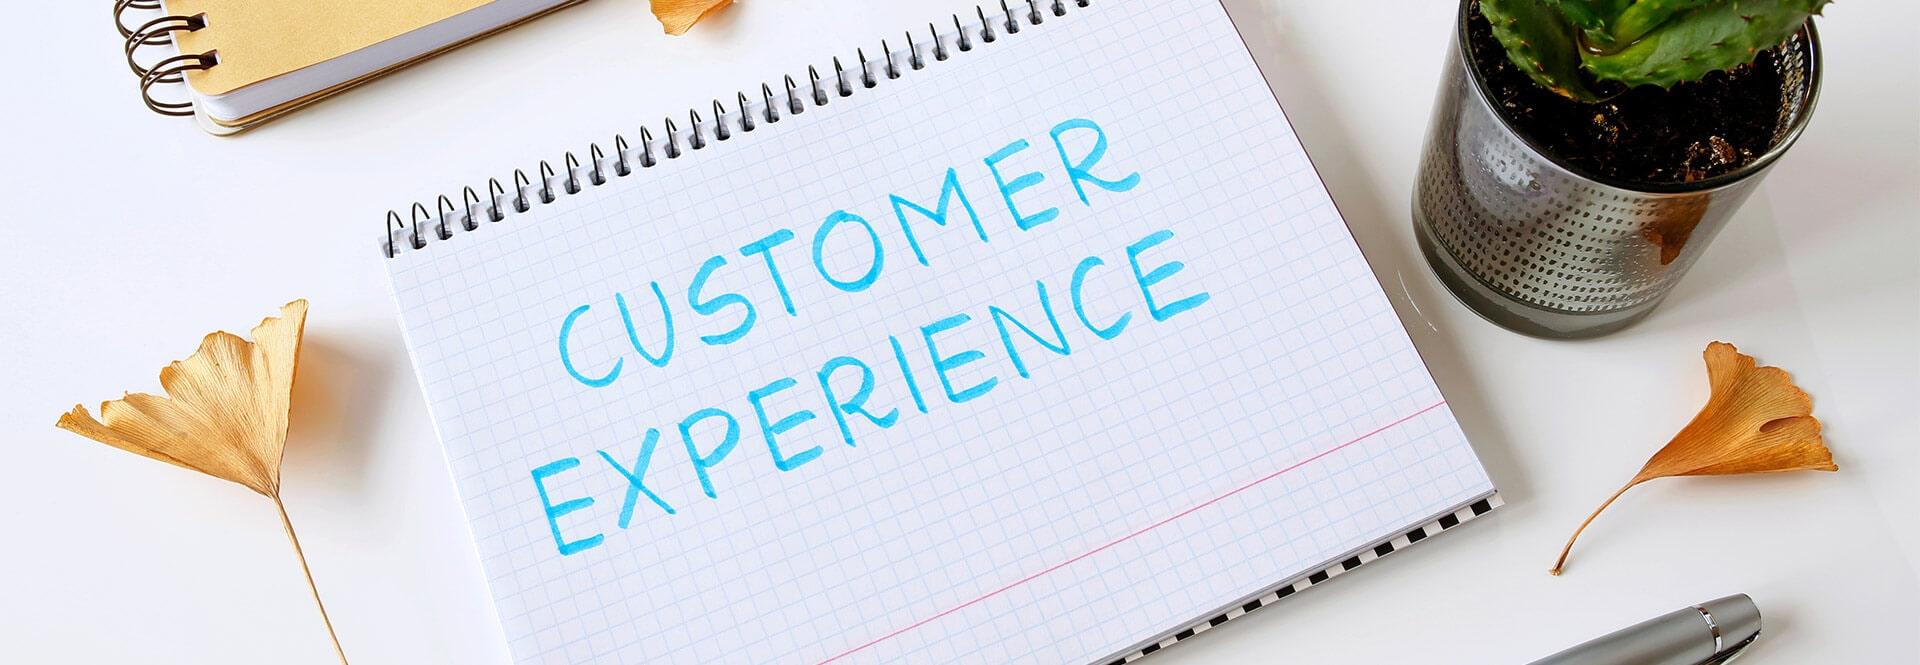 Build a customer centric organization